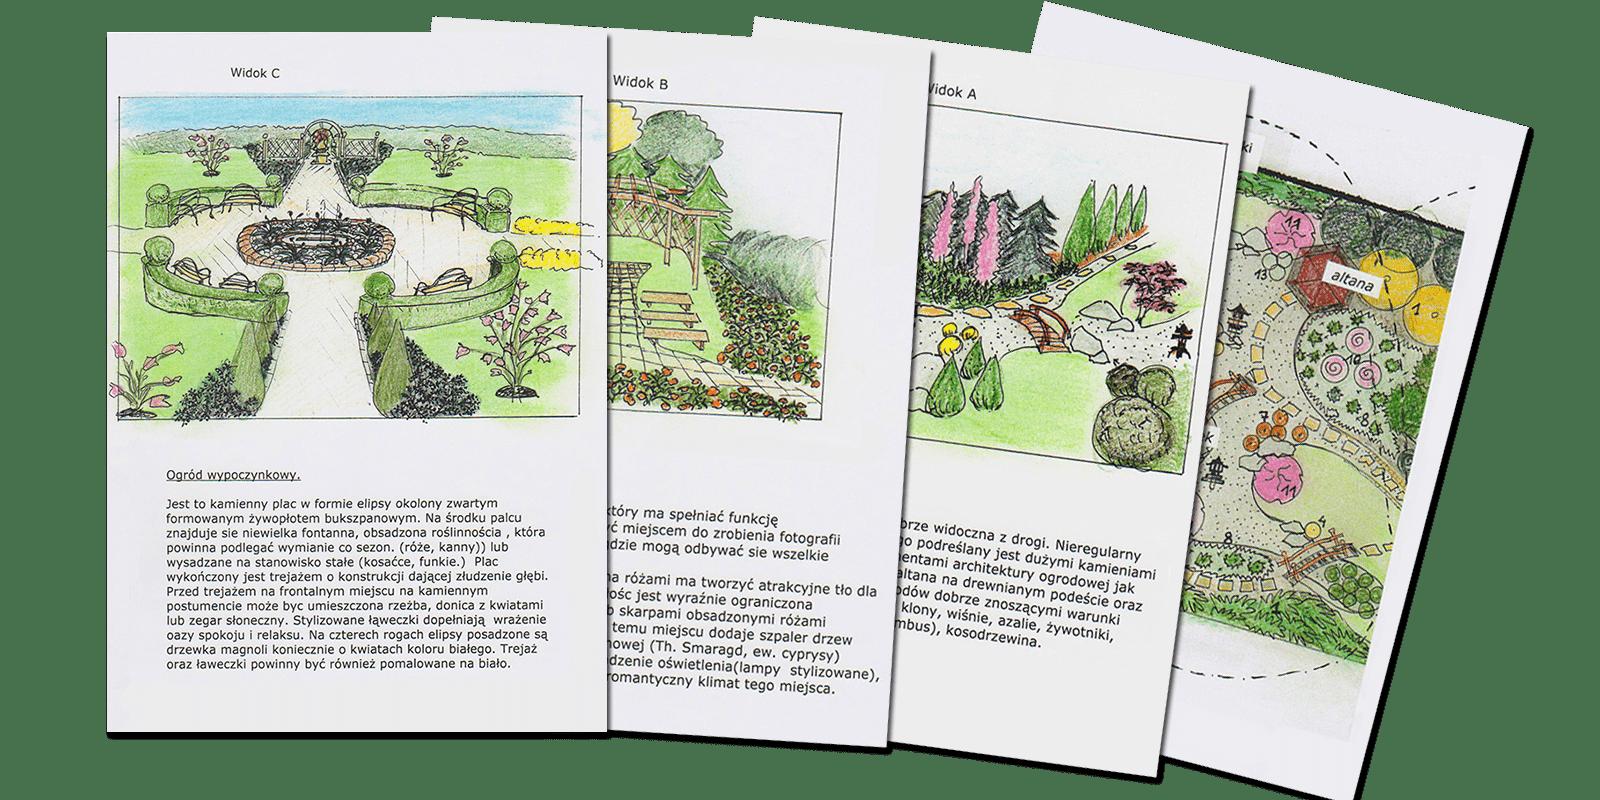 projekt ogrodu w Krakowie